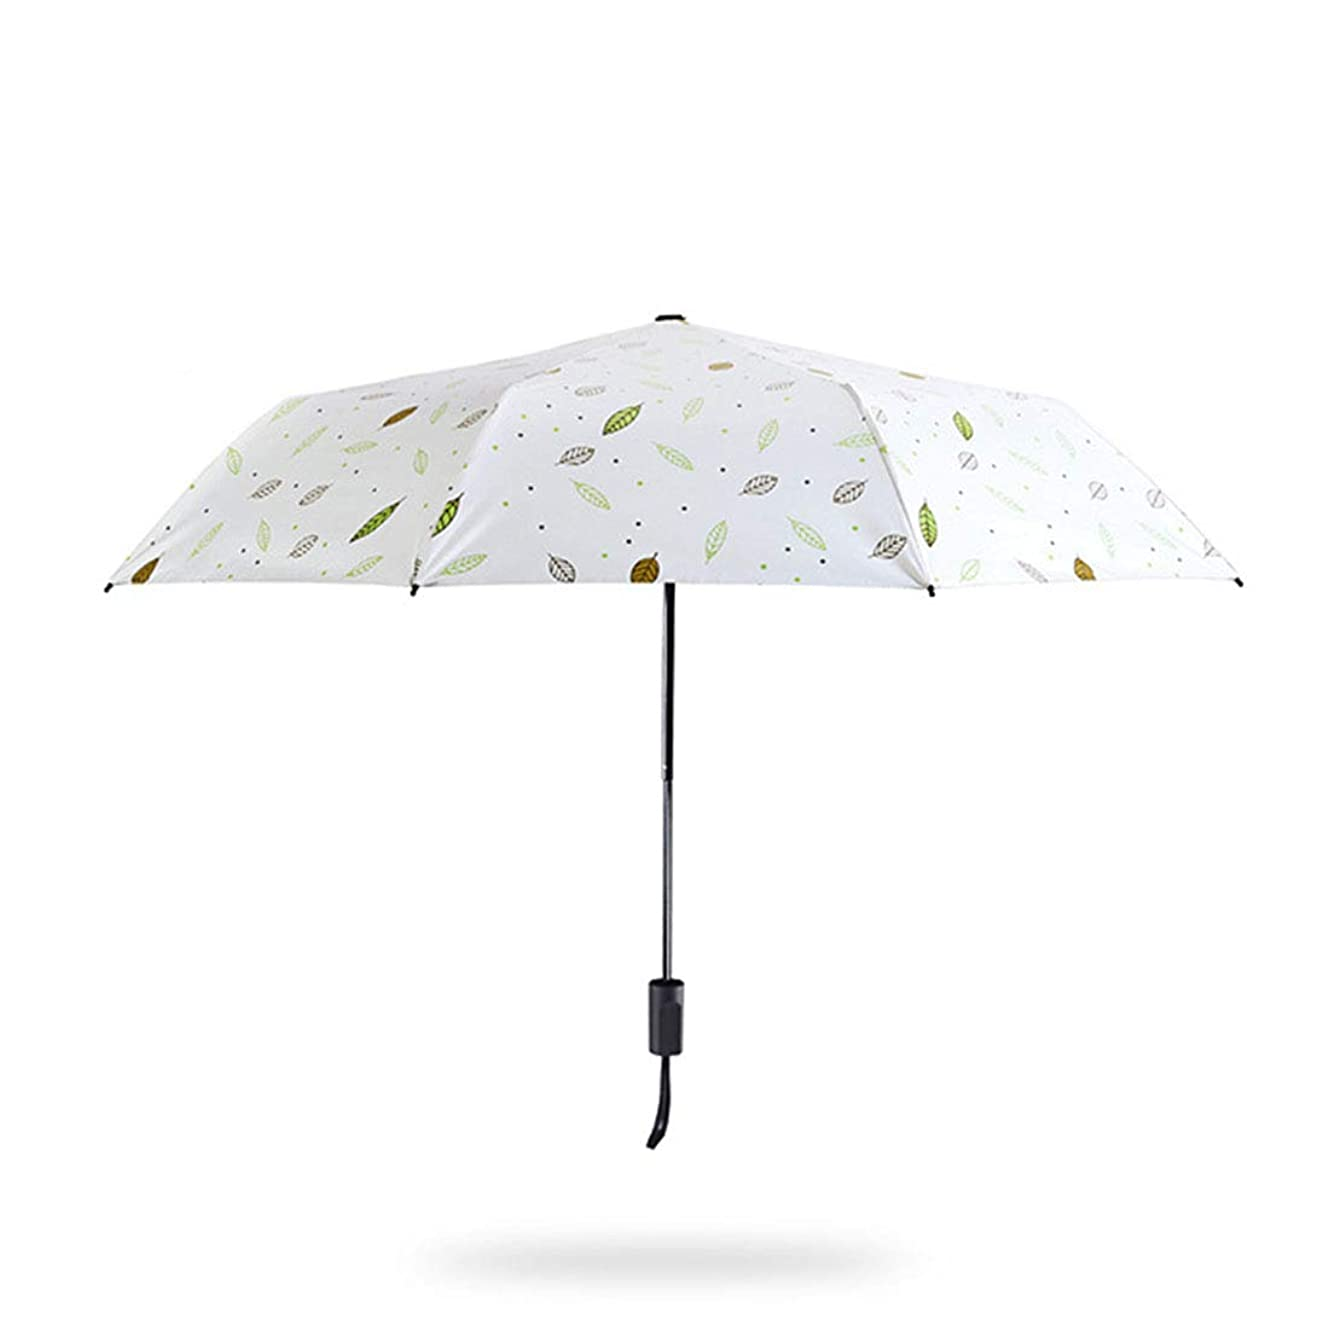 着飾る悲惨連隊Jtydj 抗紫外線折りたたみ女性太陽の雨傘 (色 : ホワイト)